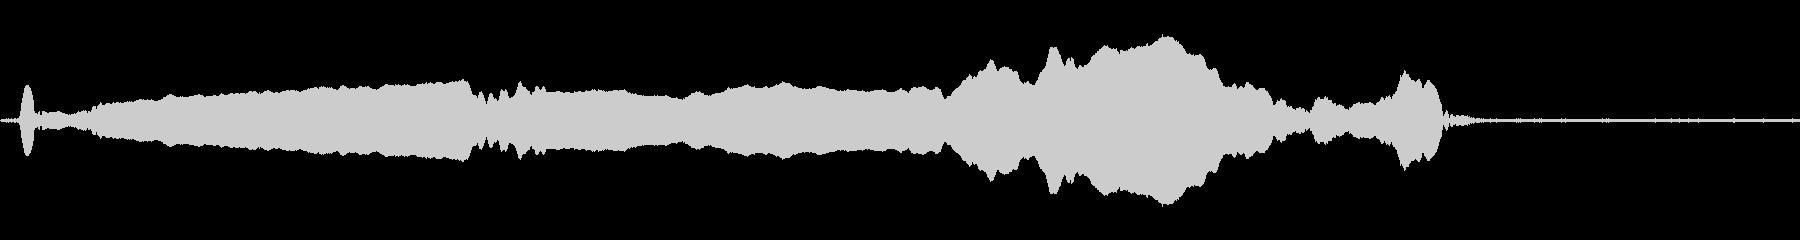 ウルフハウル、ローン、ハイピッチの未再生の波形